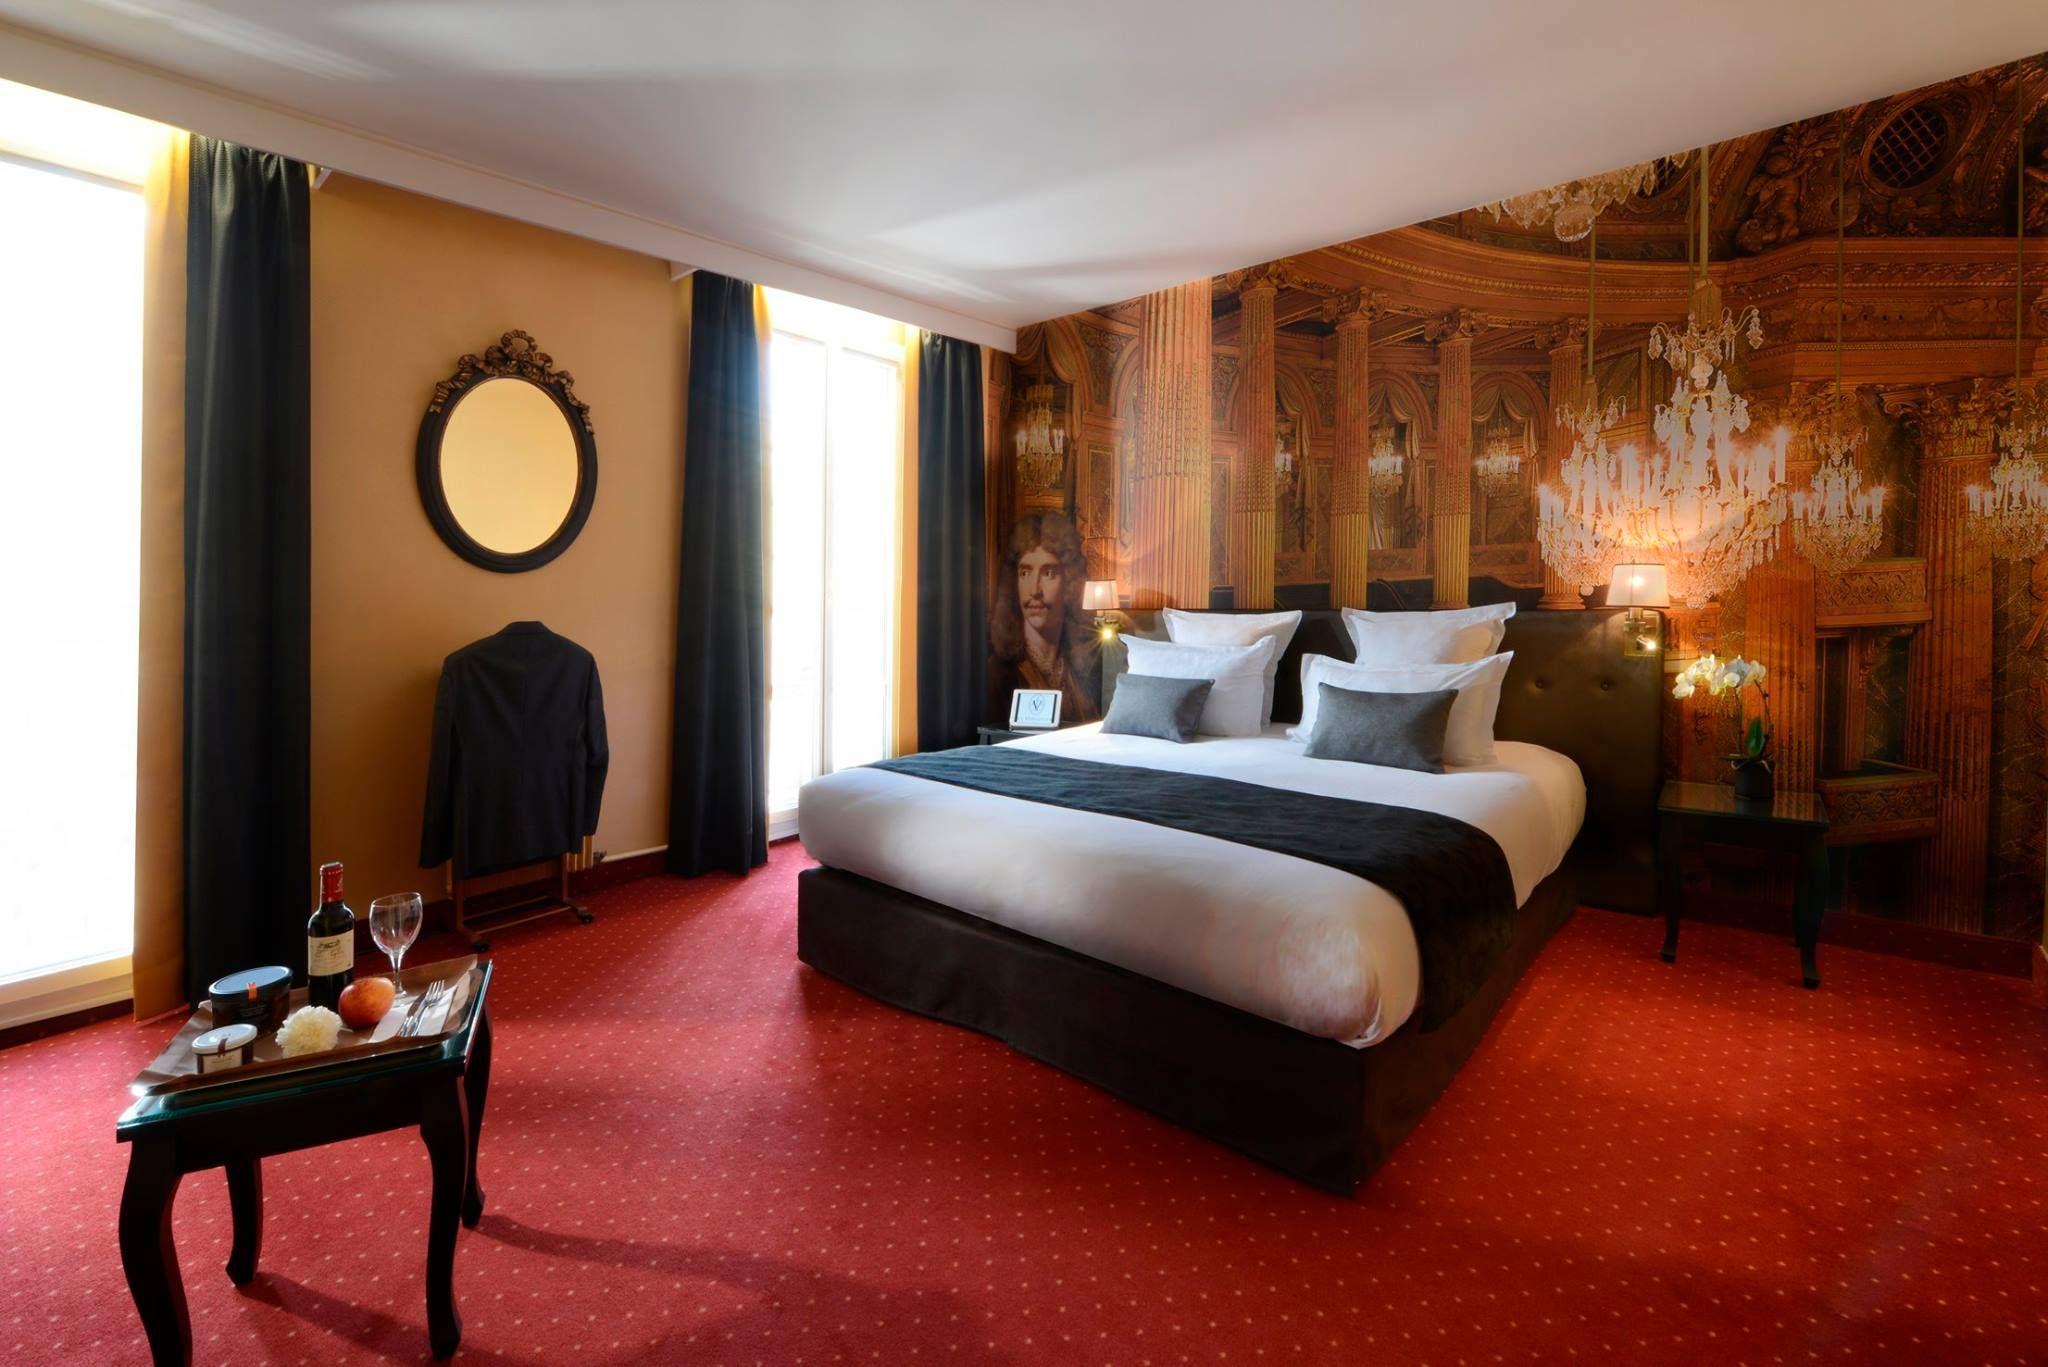 Decoration Murale Pour Tete De Lit décoration murale pour l'hôtel le versailles****. changer le